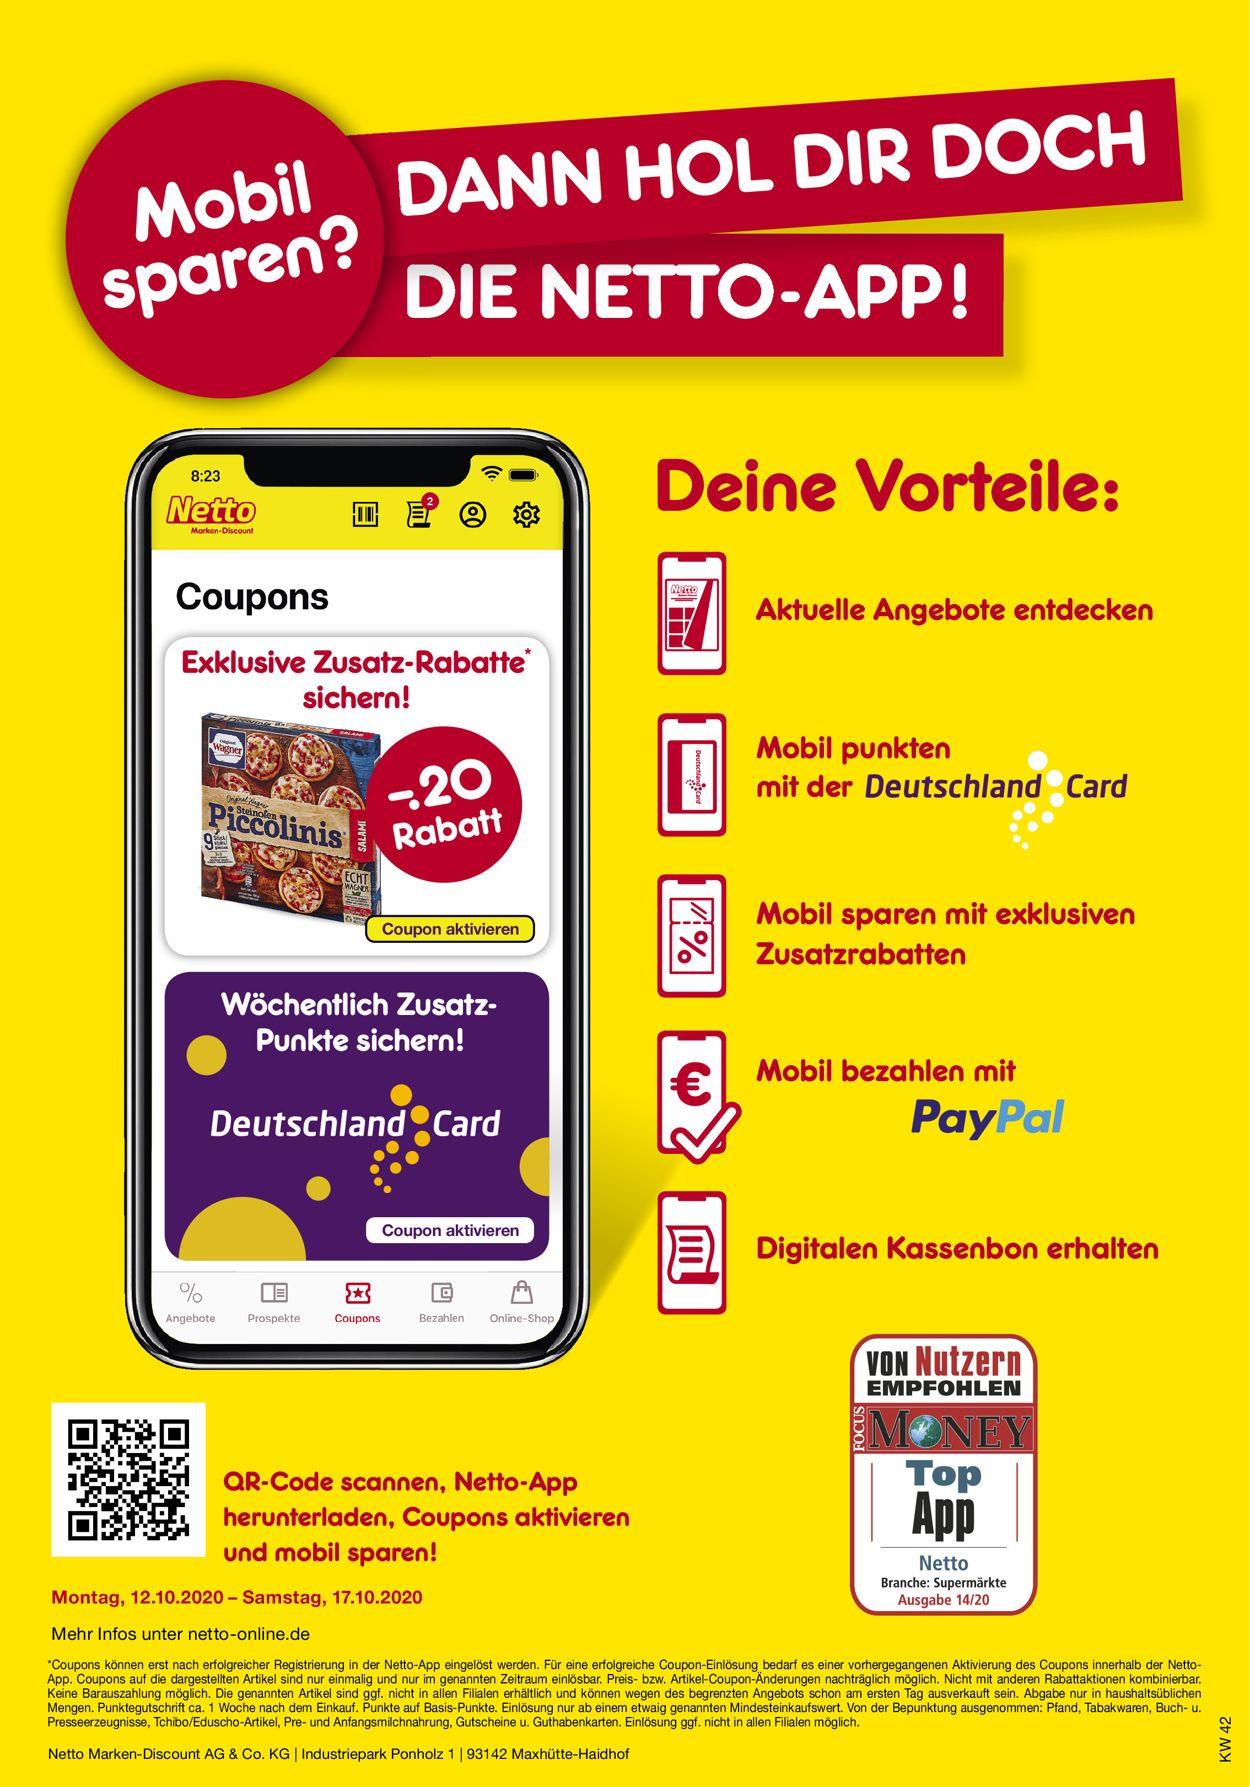 Netto Marken-Discount Prospekt - Aktuell vom 12.10-17.10.2020 (Seite 37)